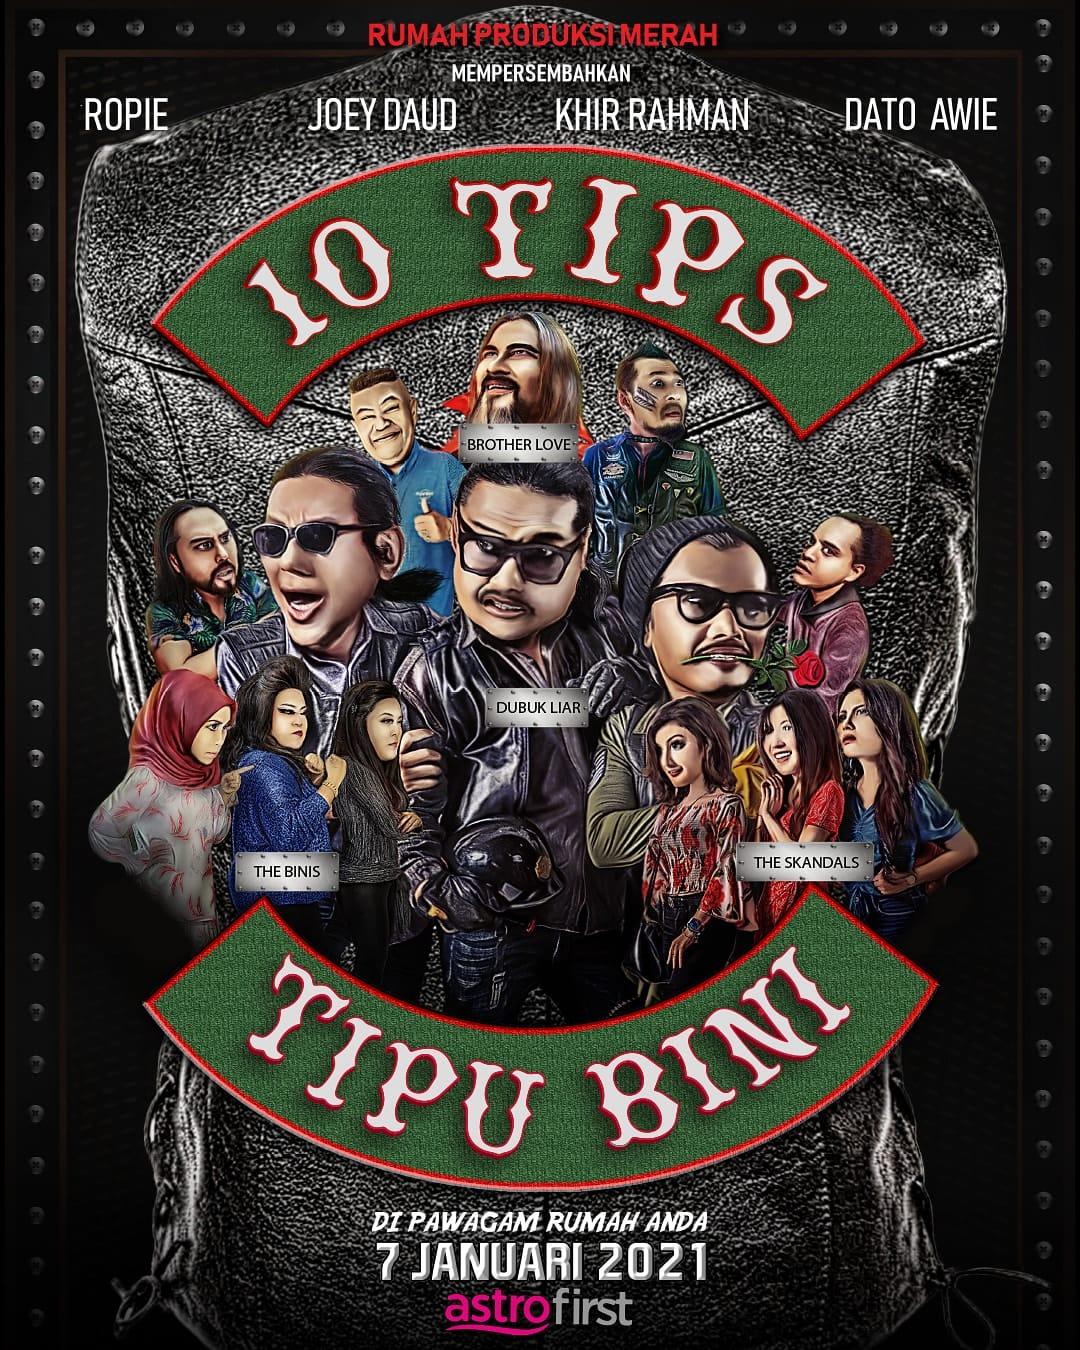 Filem 10 tips tipu bini filem pertama Awie dipawagam rumah anda dari Astro First. #AstroFirst #tips #10tipstipubini #filemkomedi #kumpulanwings #filemkomediMalaysia2021